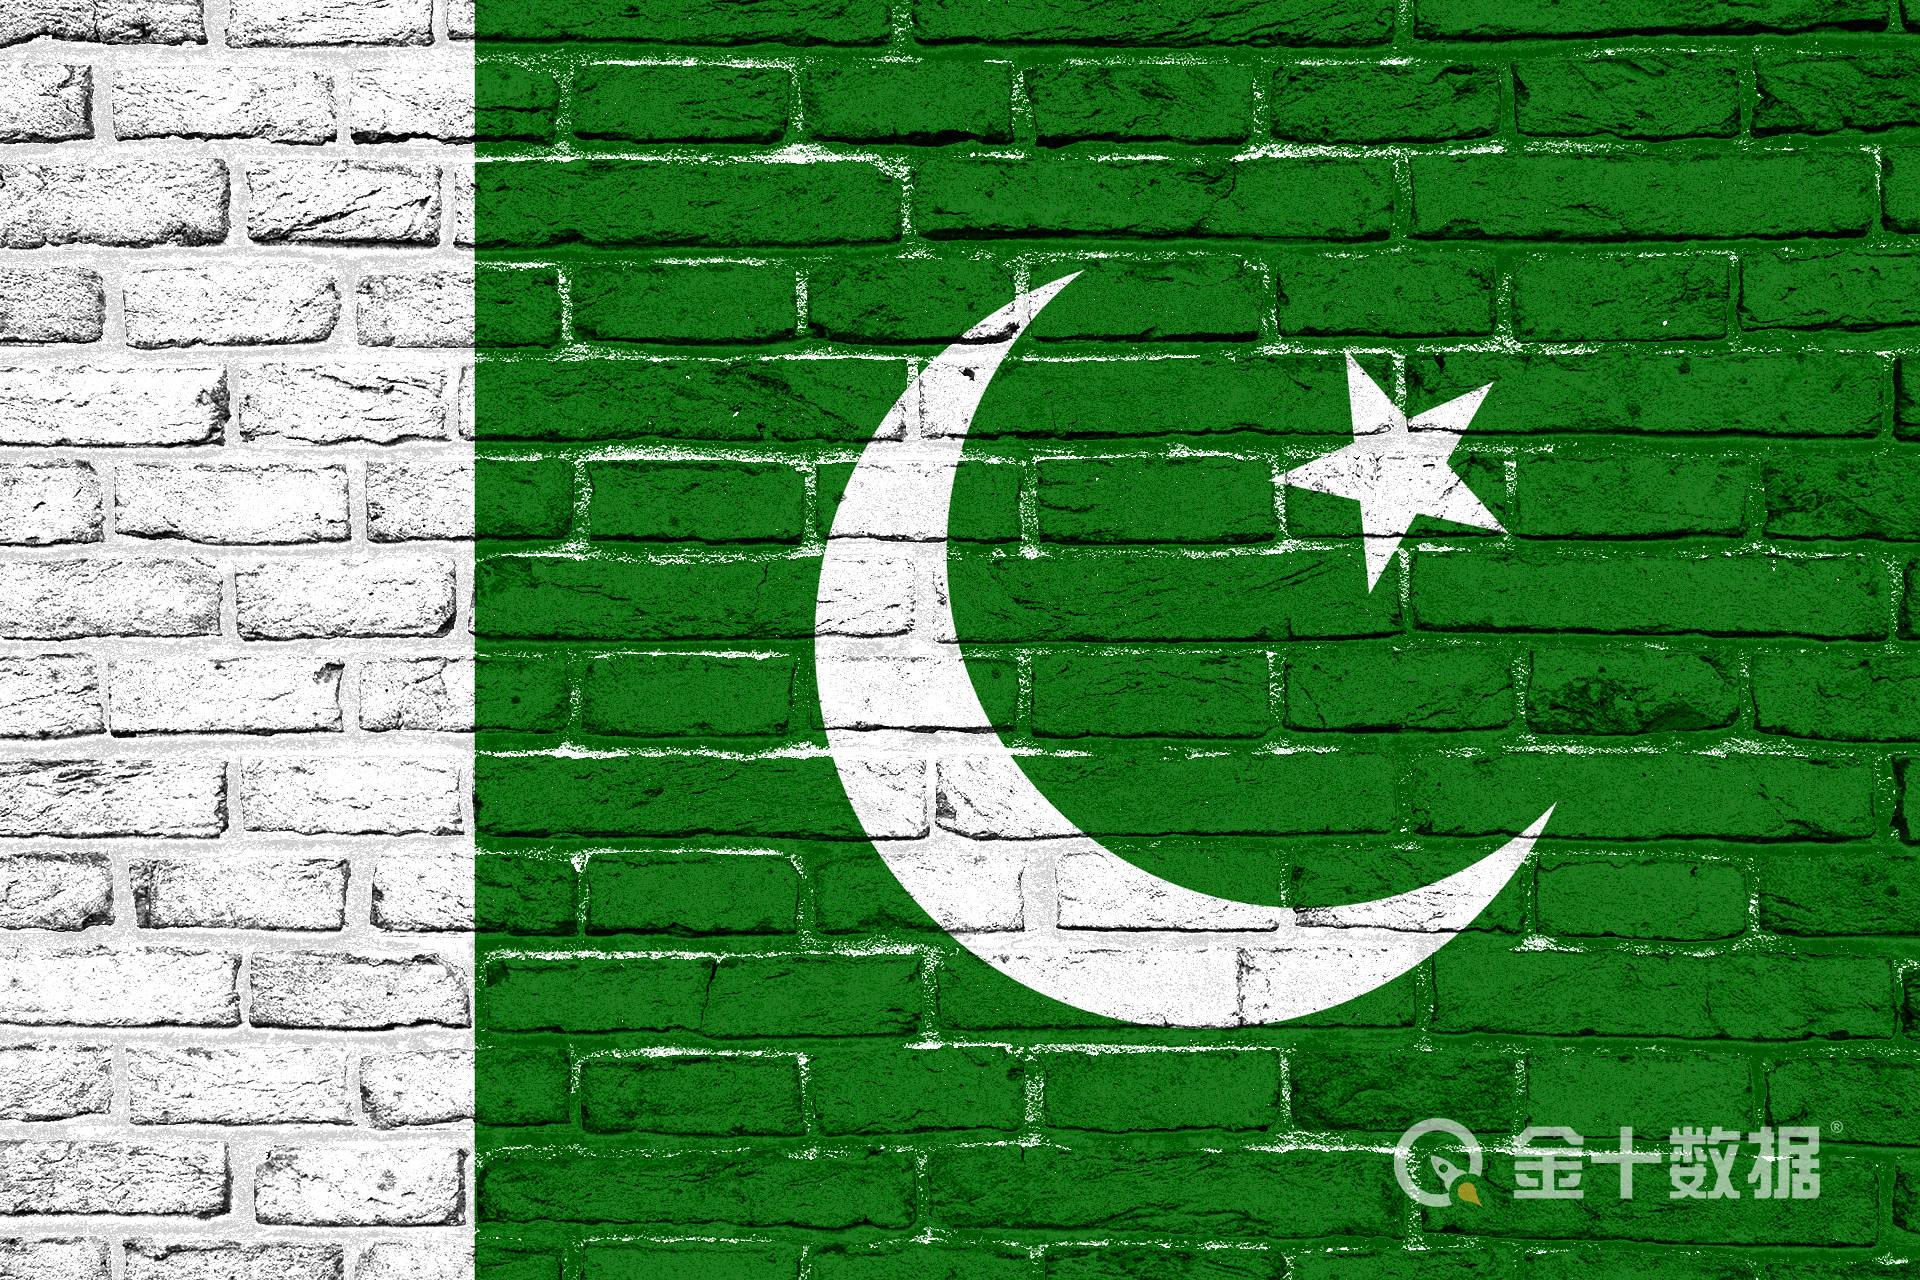 中巴积极合作!巴基斯坦再迎好消息:外汇储备大增